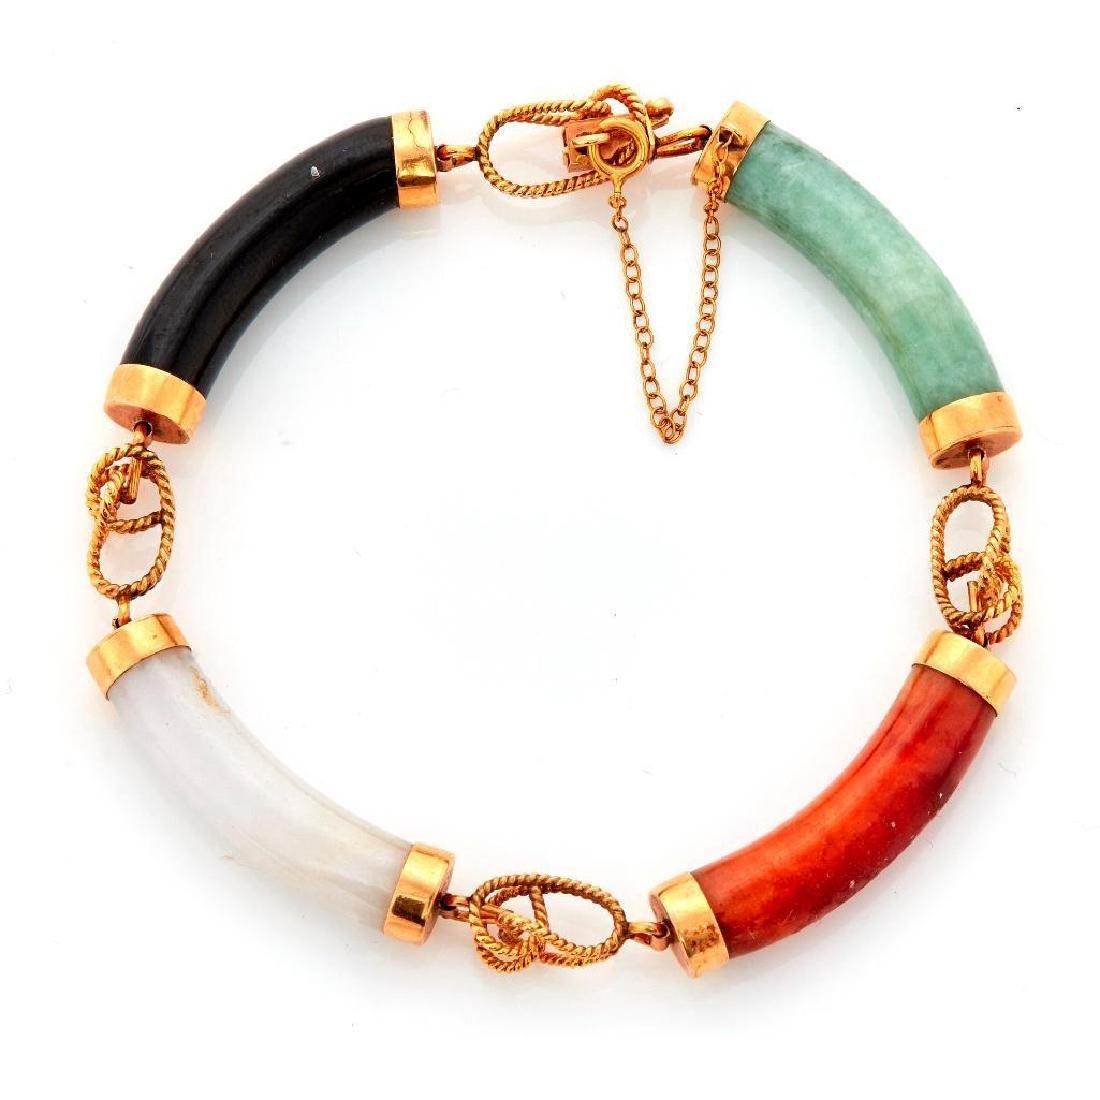 Multi-color jade and 14k gold bracelet